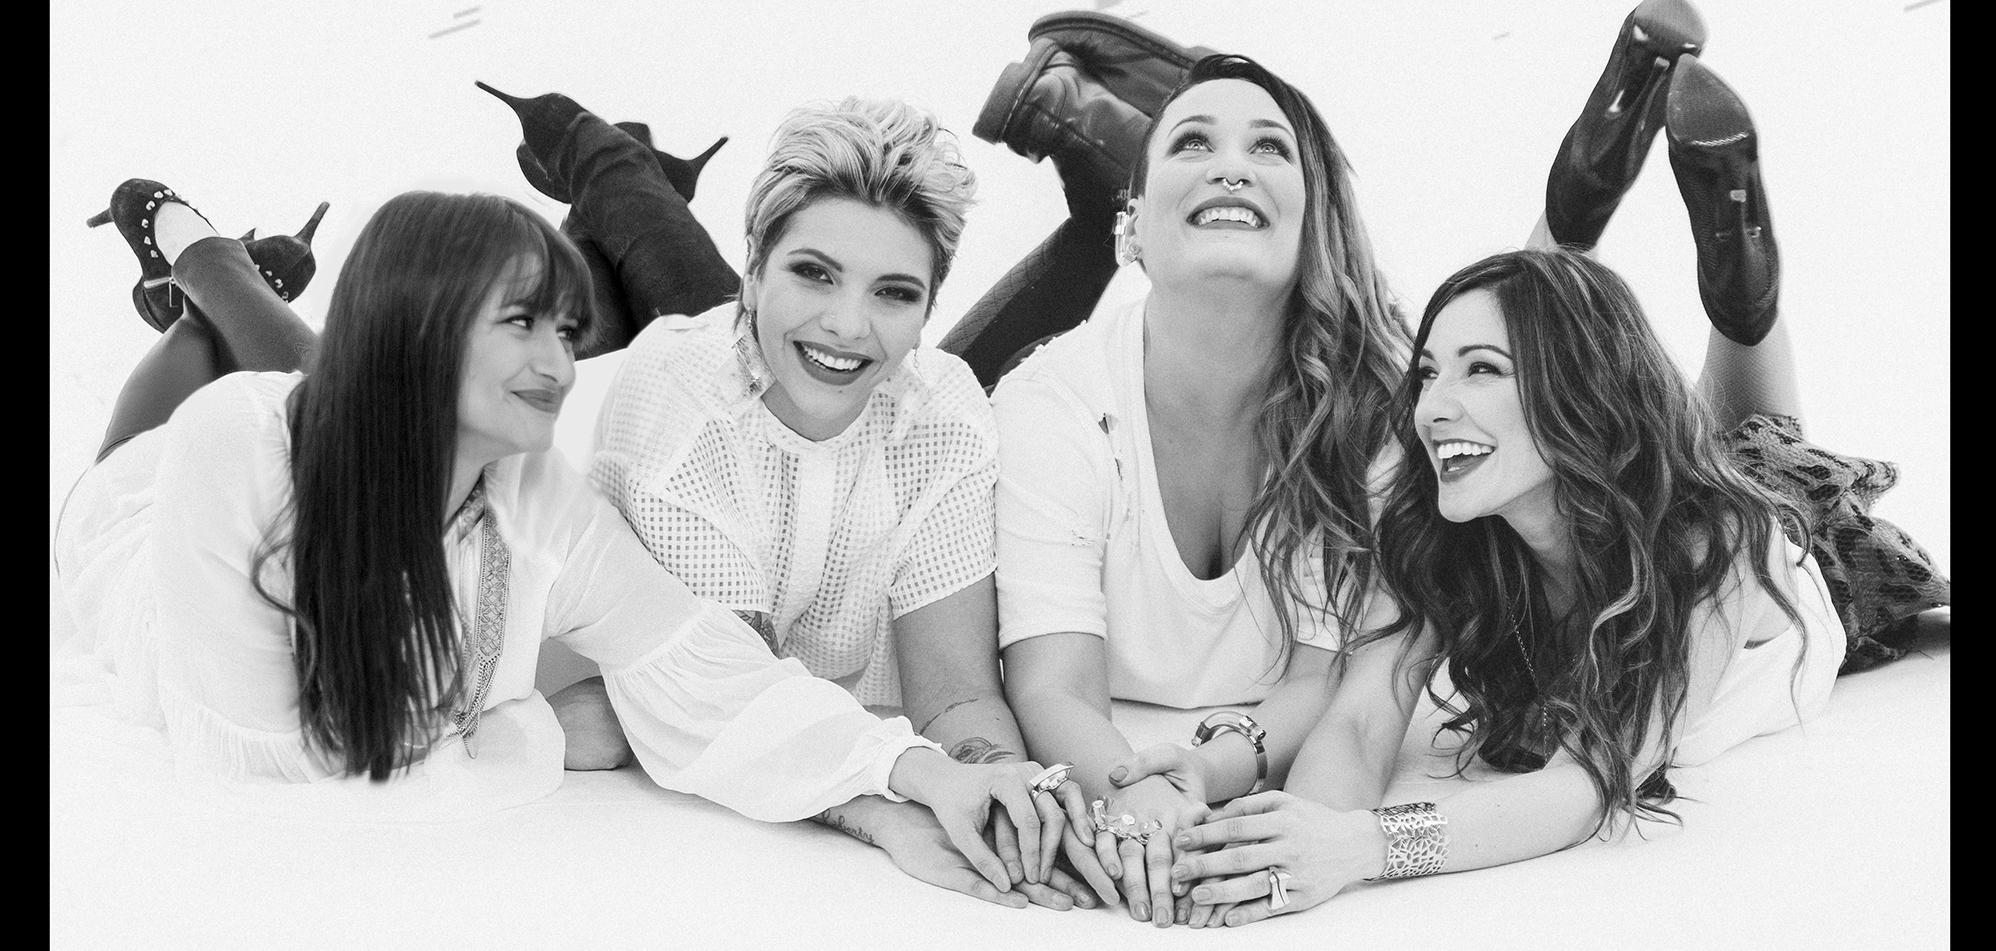 L'Amore Merita: quattro artiste unite in un singolo per la libertà e l'uguaglianza